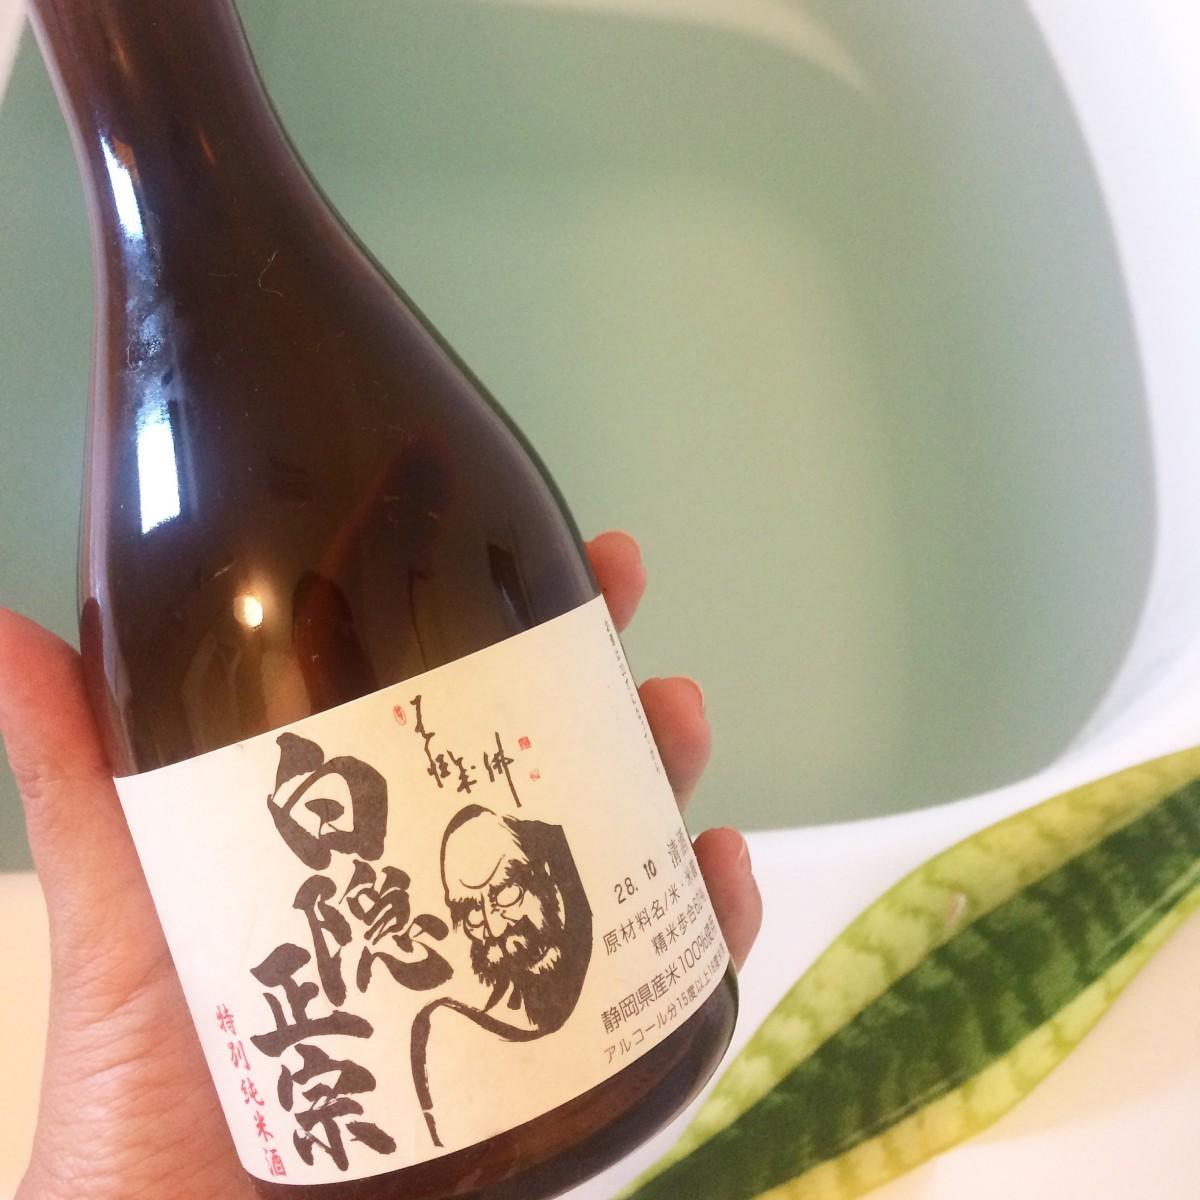 夏の入浴も湯船派!《日本酒風呂》で美肌・美白・デトックス